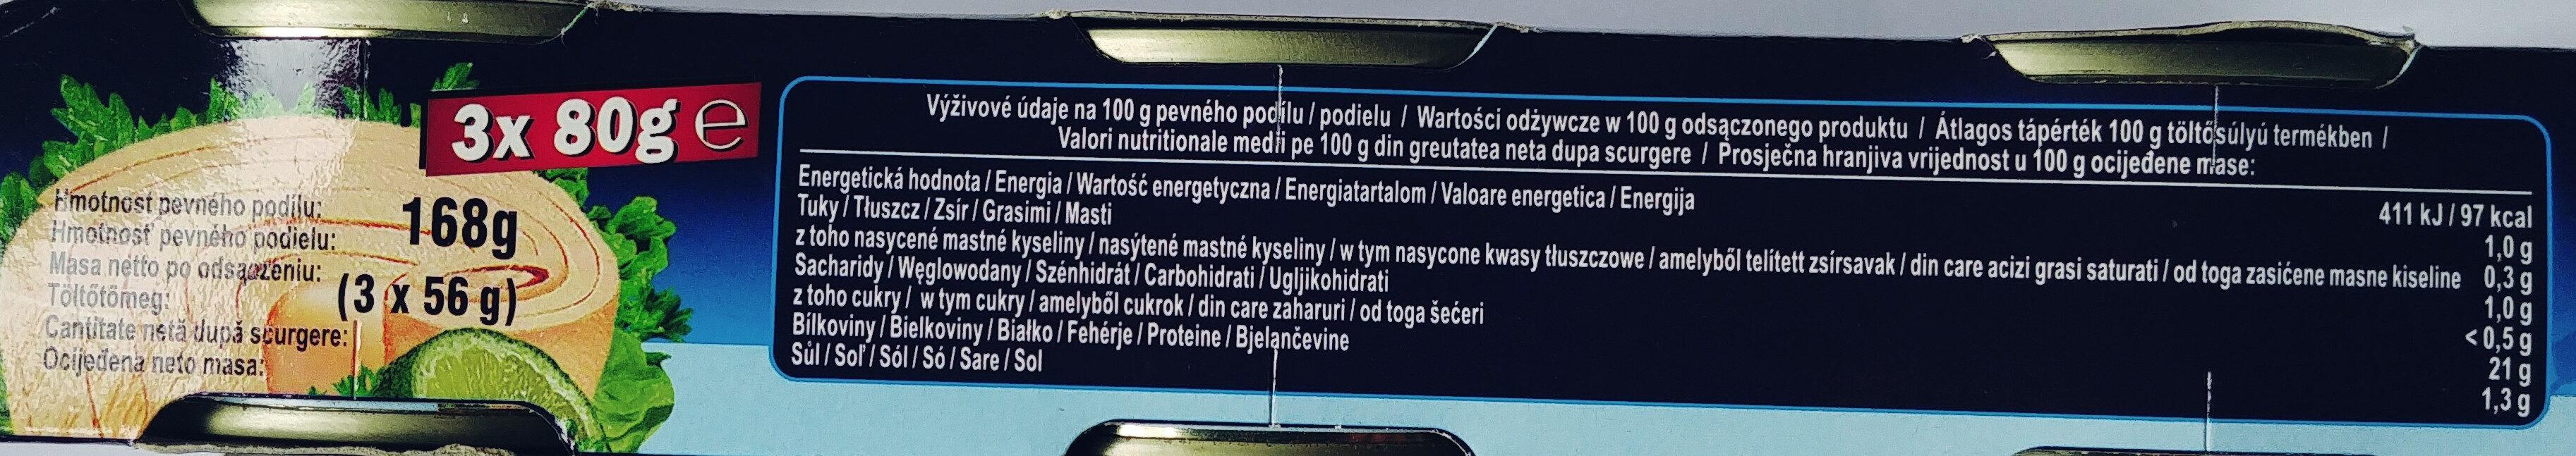 Tuńczyk w sosie własnym duże kawałki - Wartości odżywcze - pl